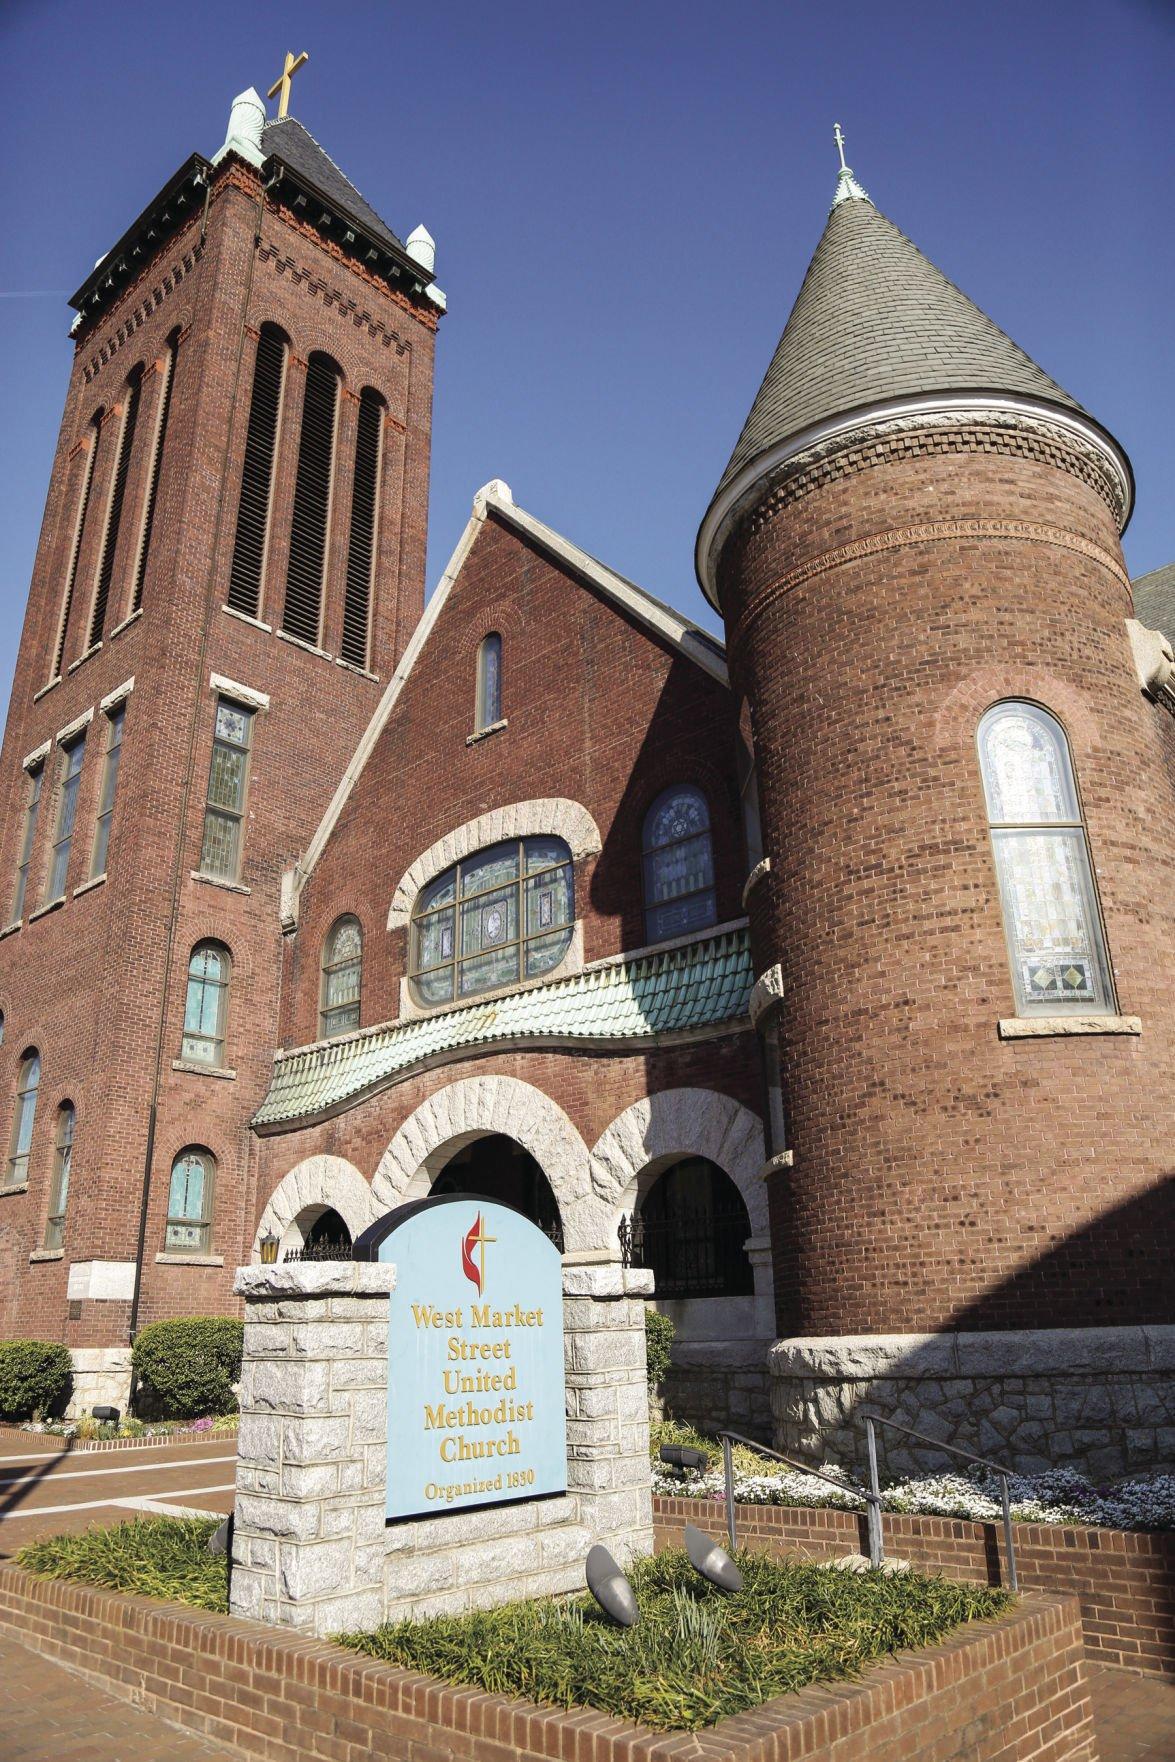 West Market Street United Methodist Church